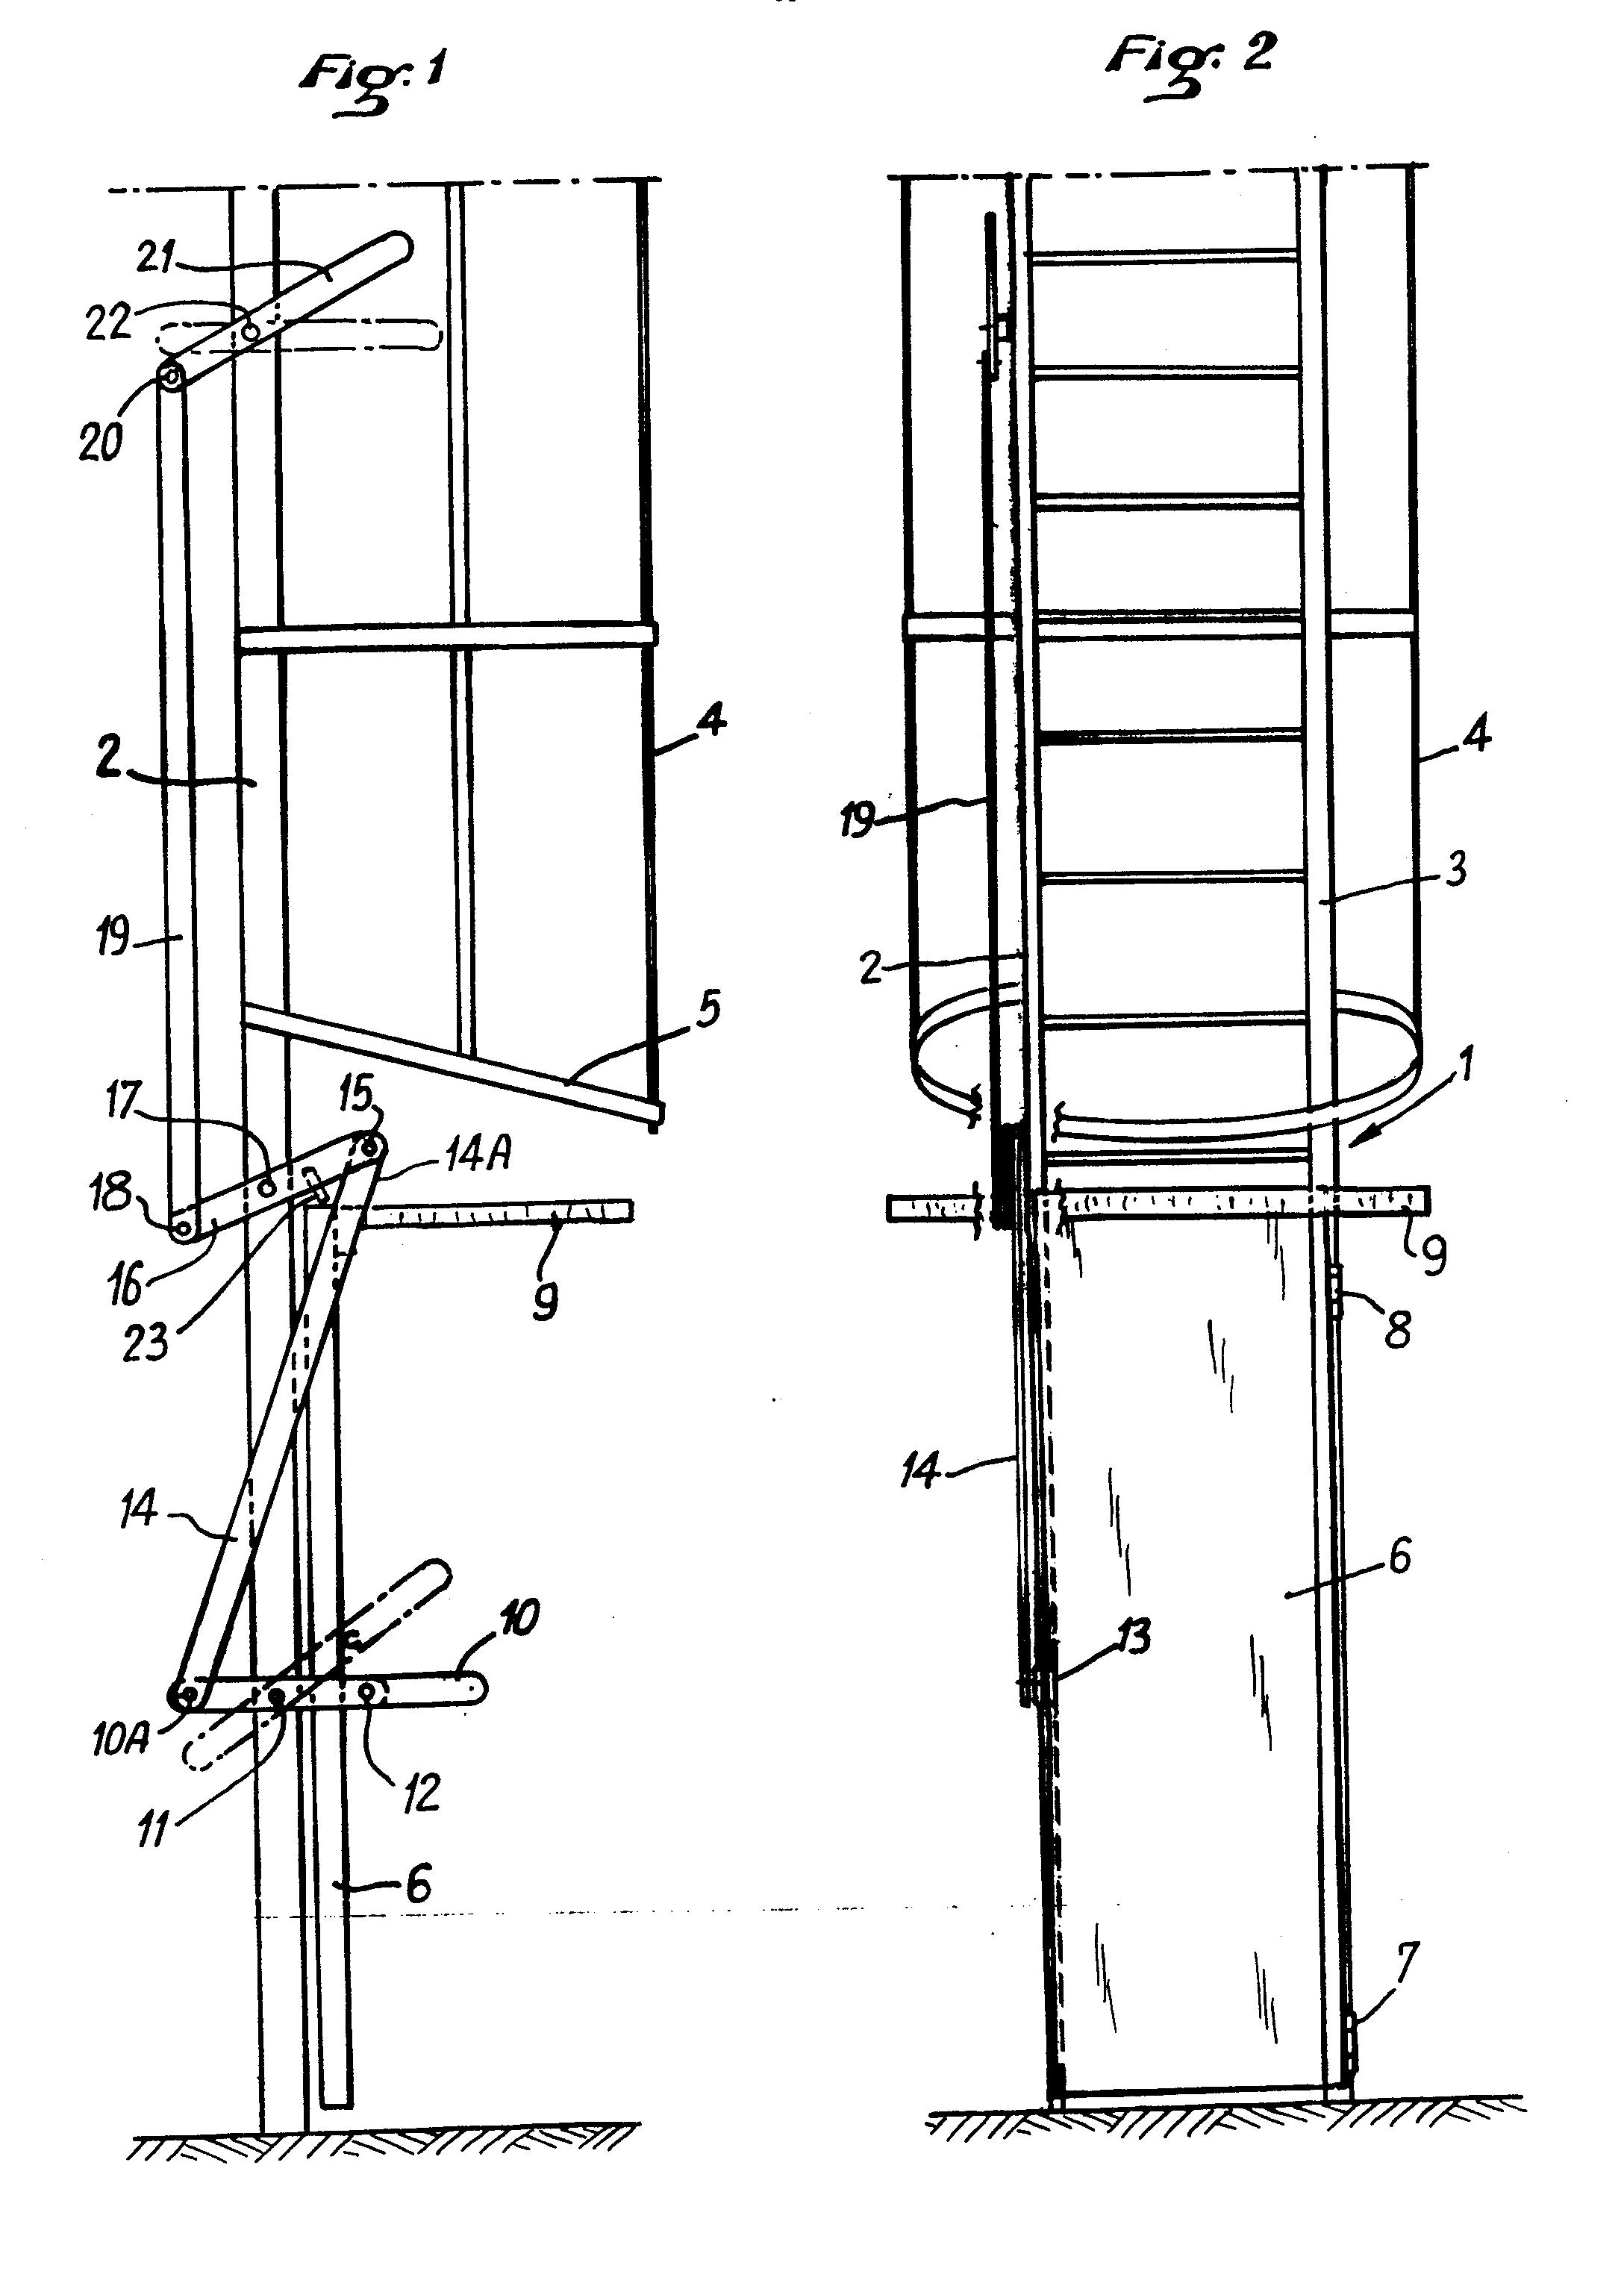 patente ep0151076a2 dispositif pour condamner l 39 acc s aux chelles crinoline google patentes. Black Bedroom Furniture Sets. Home Design Ideas